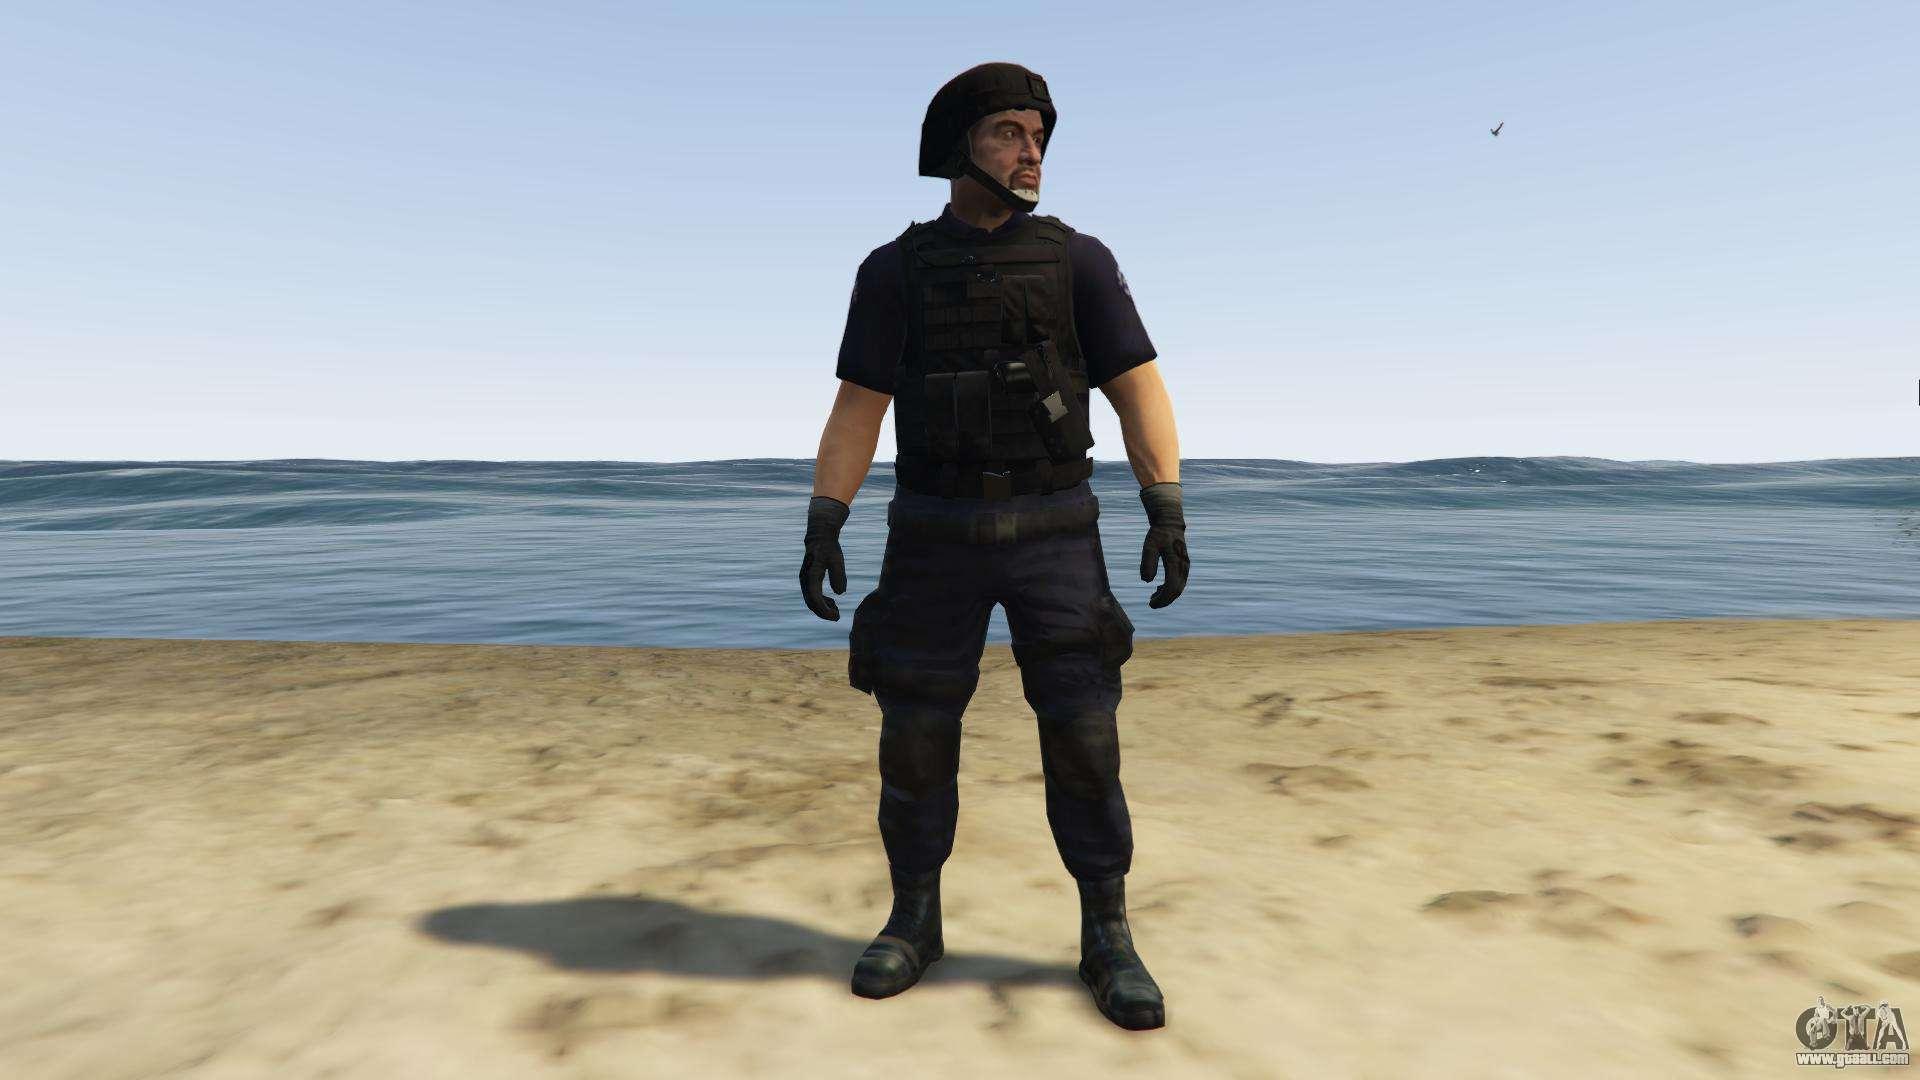 SAHP SWAT Ped Model 2 0 0 for GTA 5